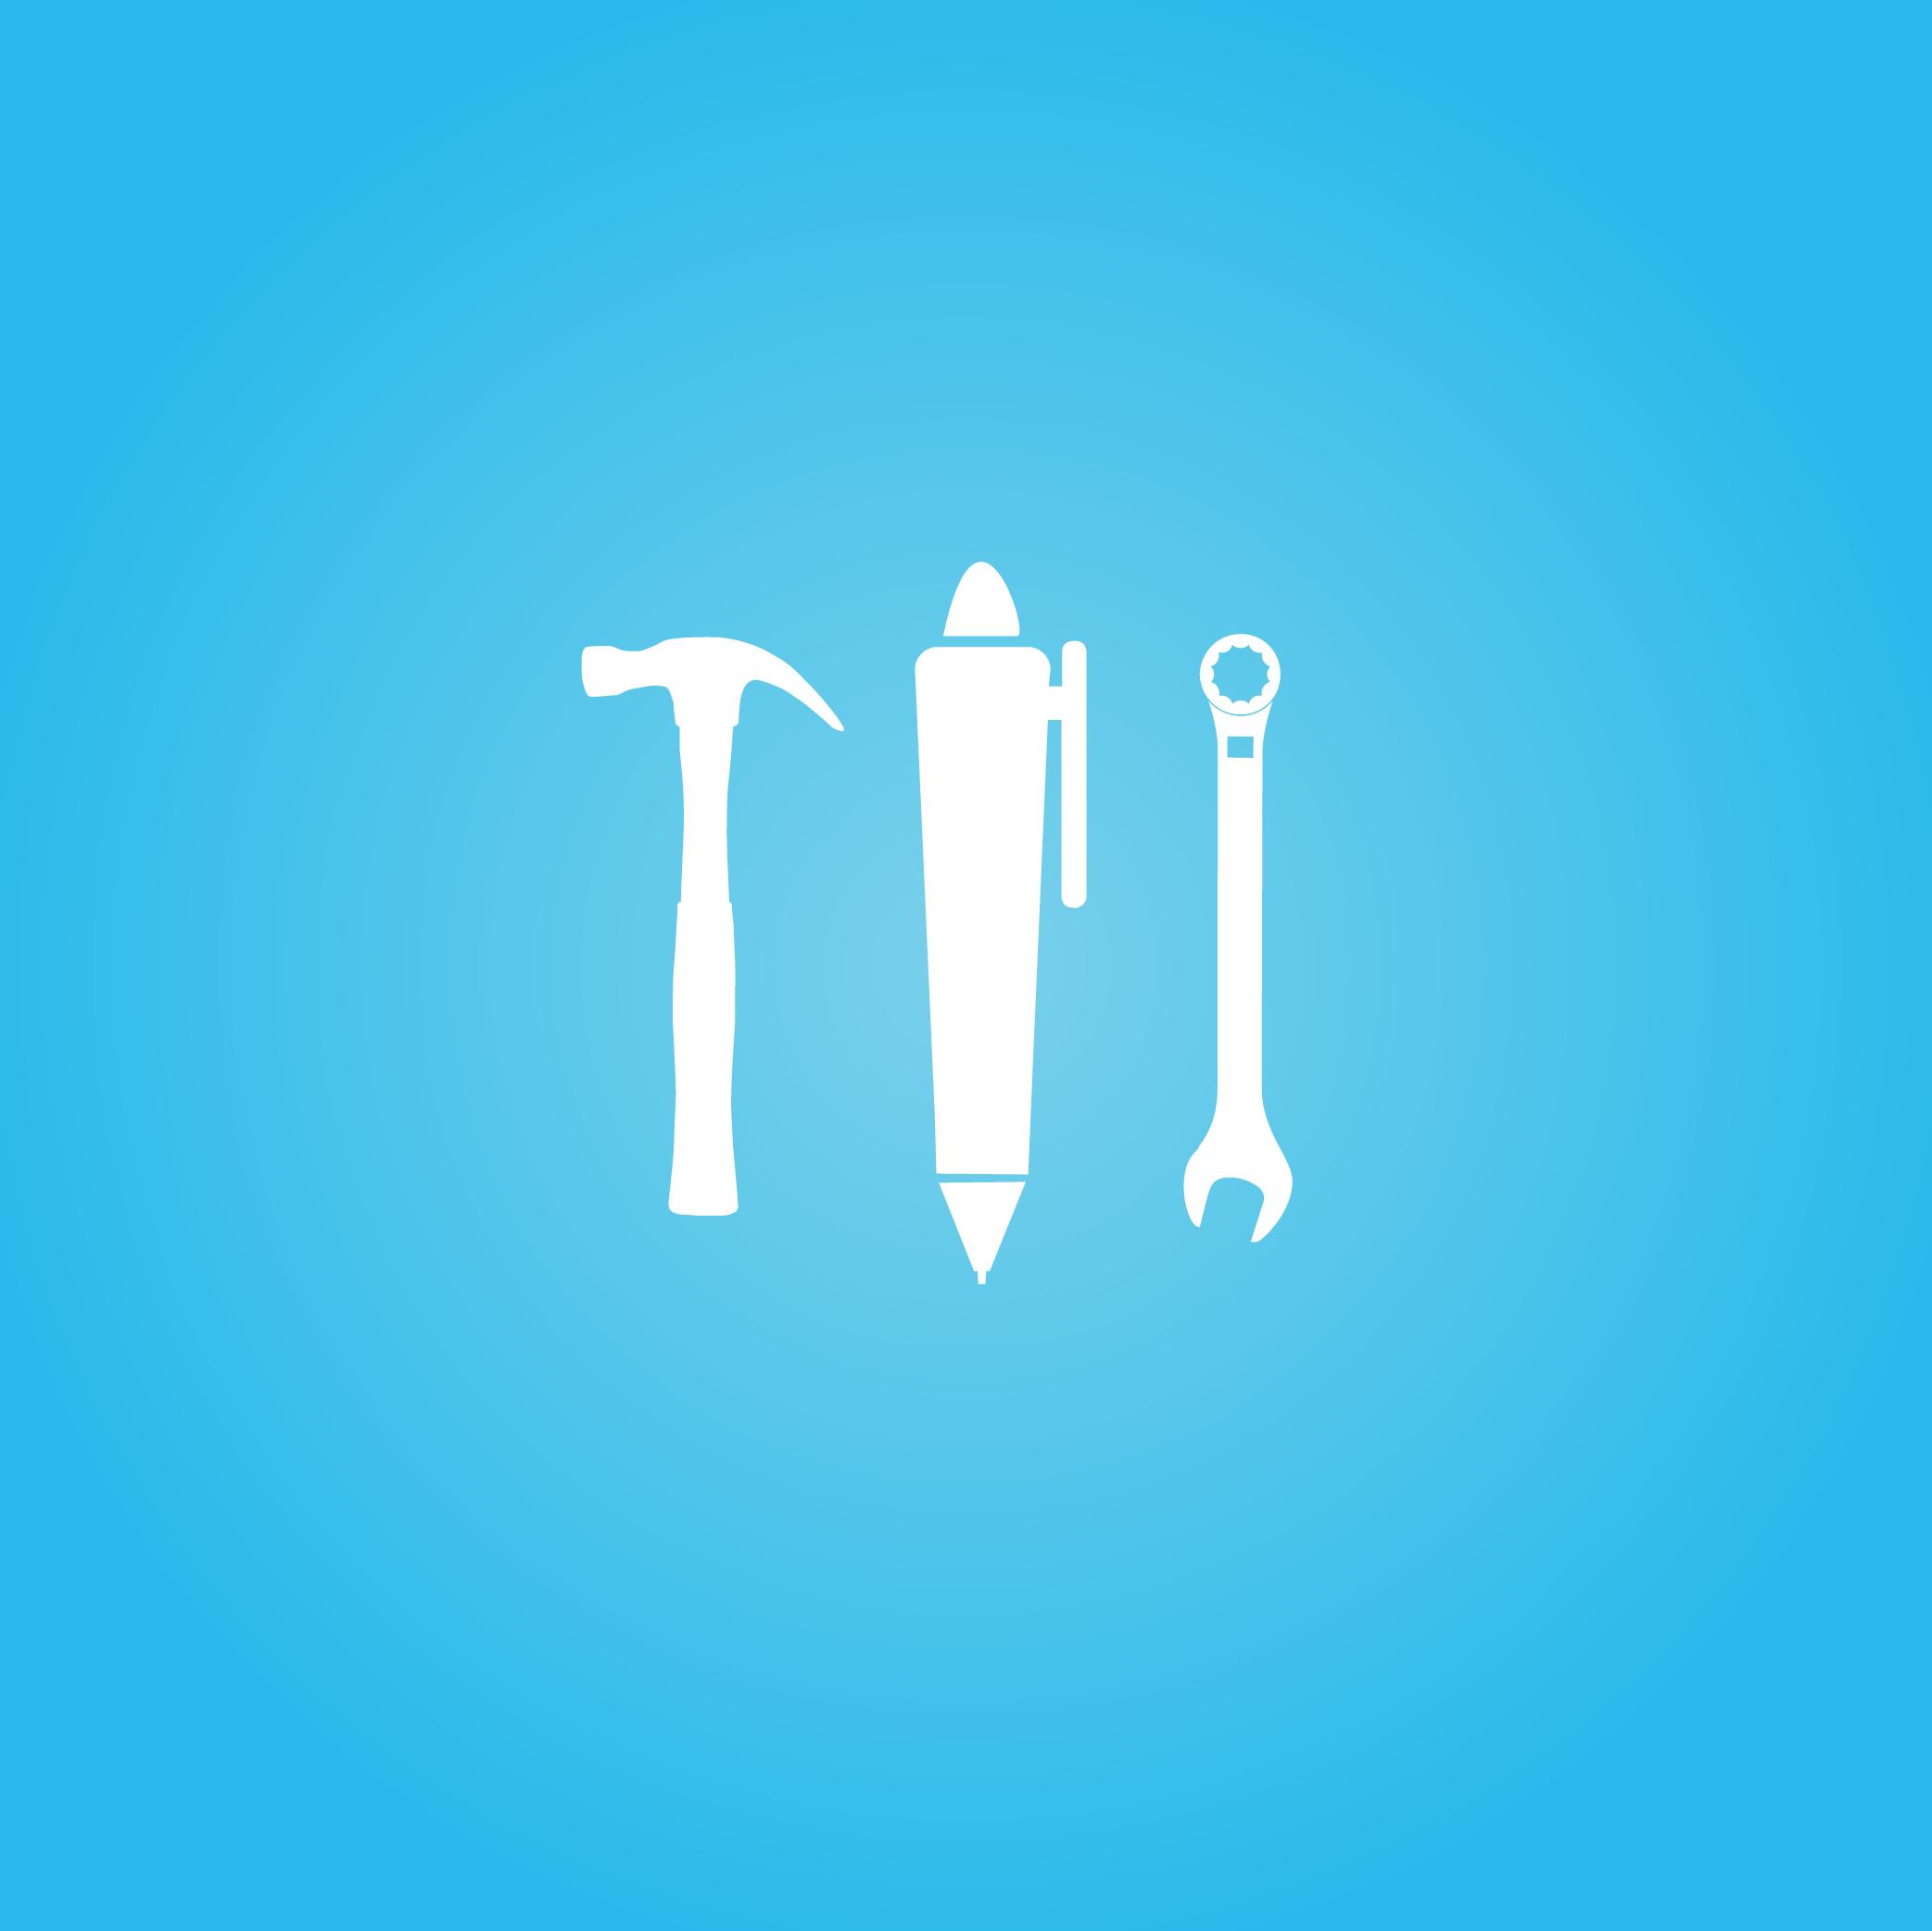 CopyBuffs_Tools_Post-01.png